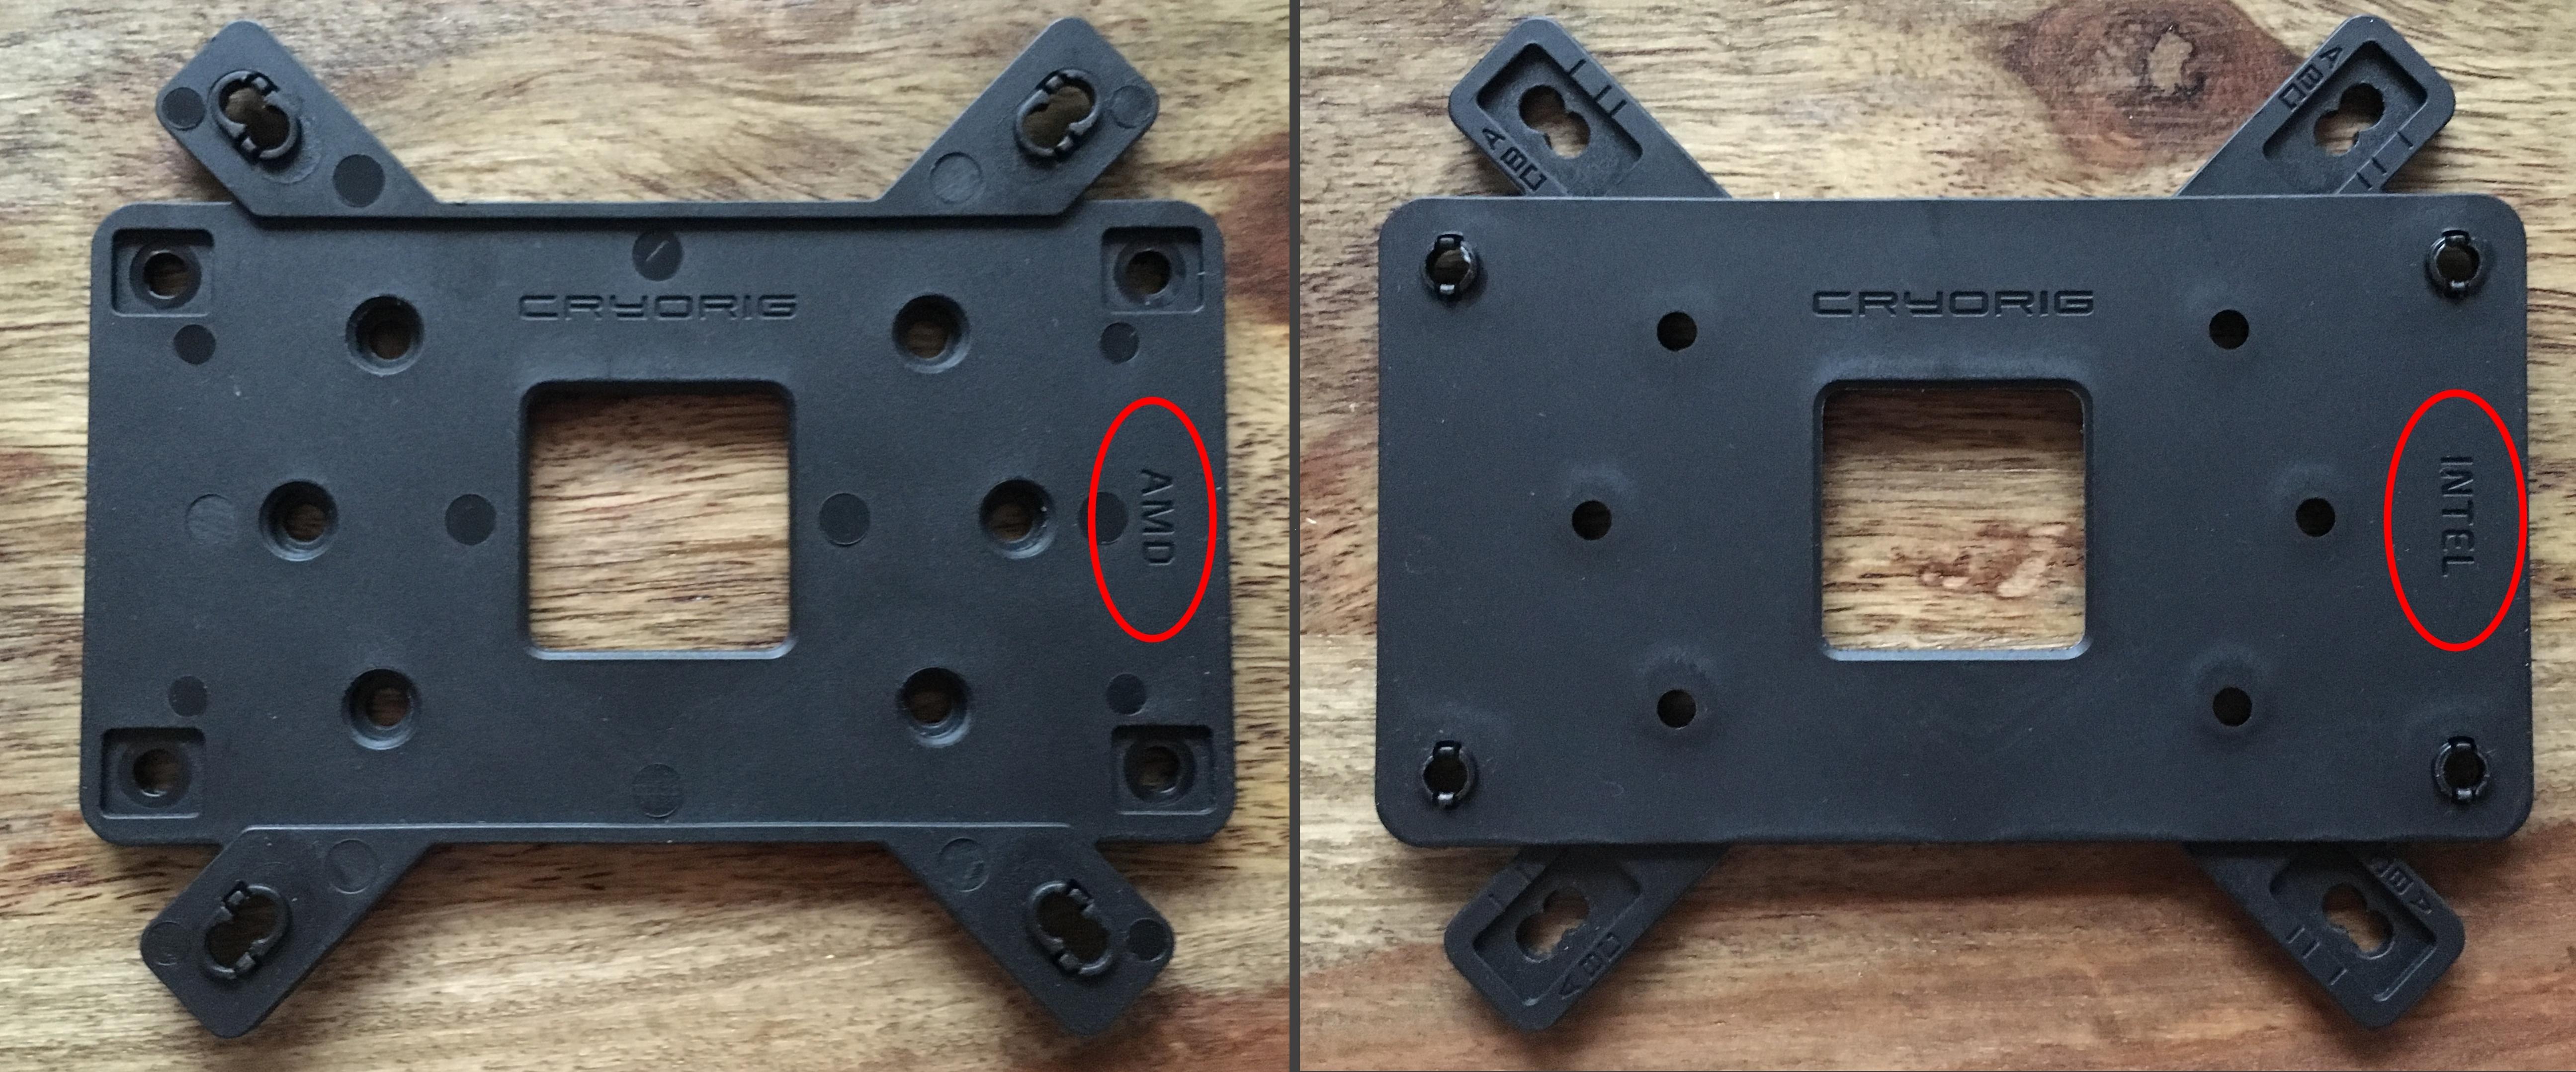 c7-kombo-backplate-1